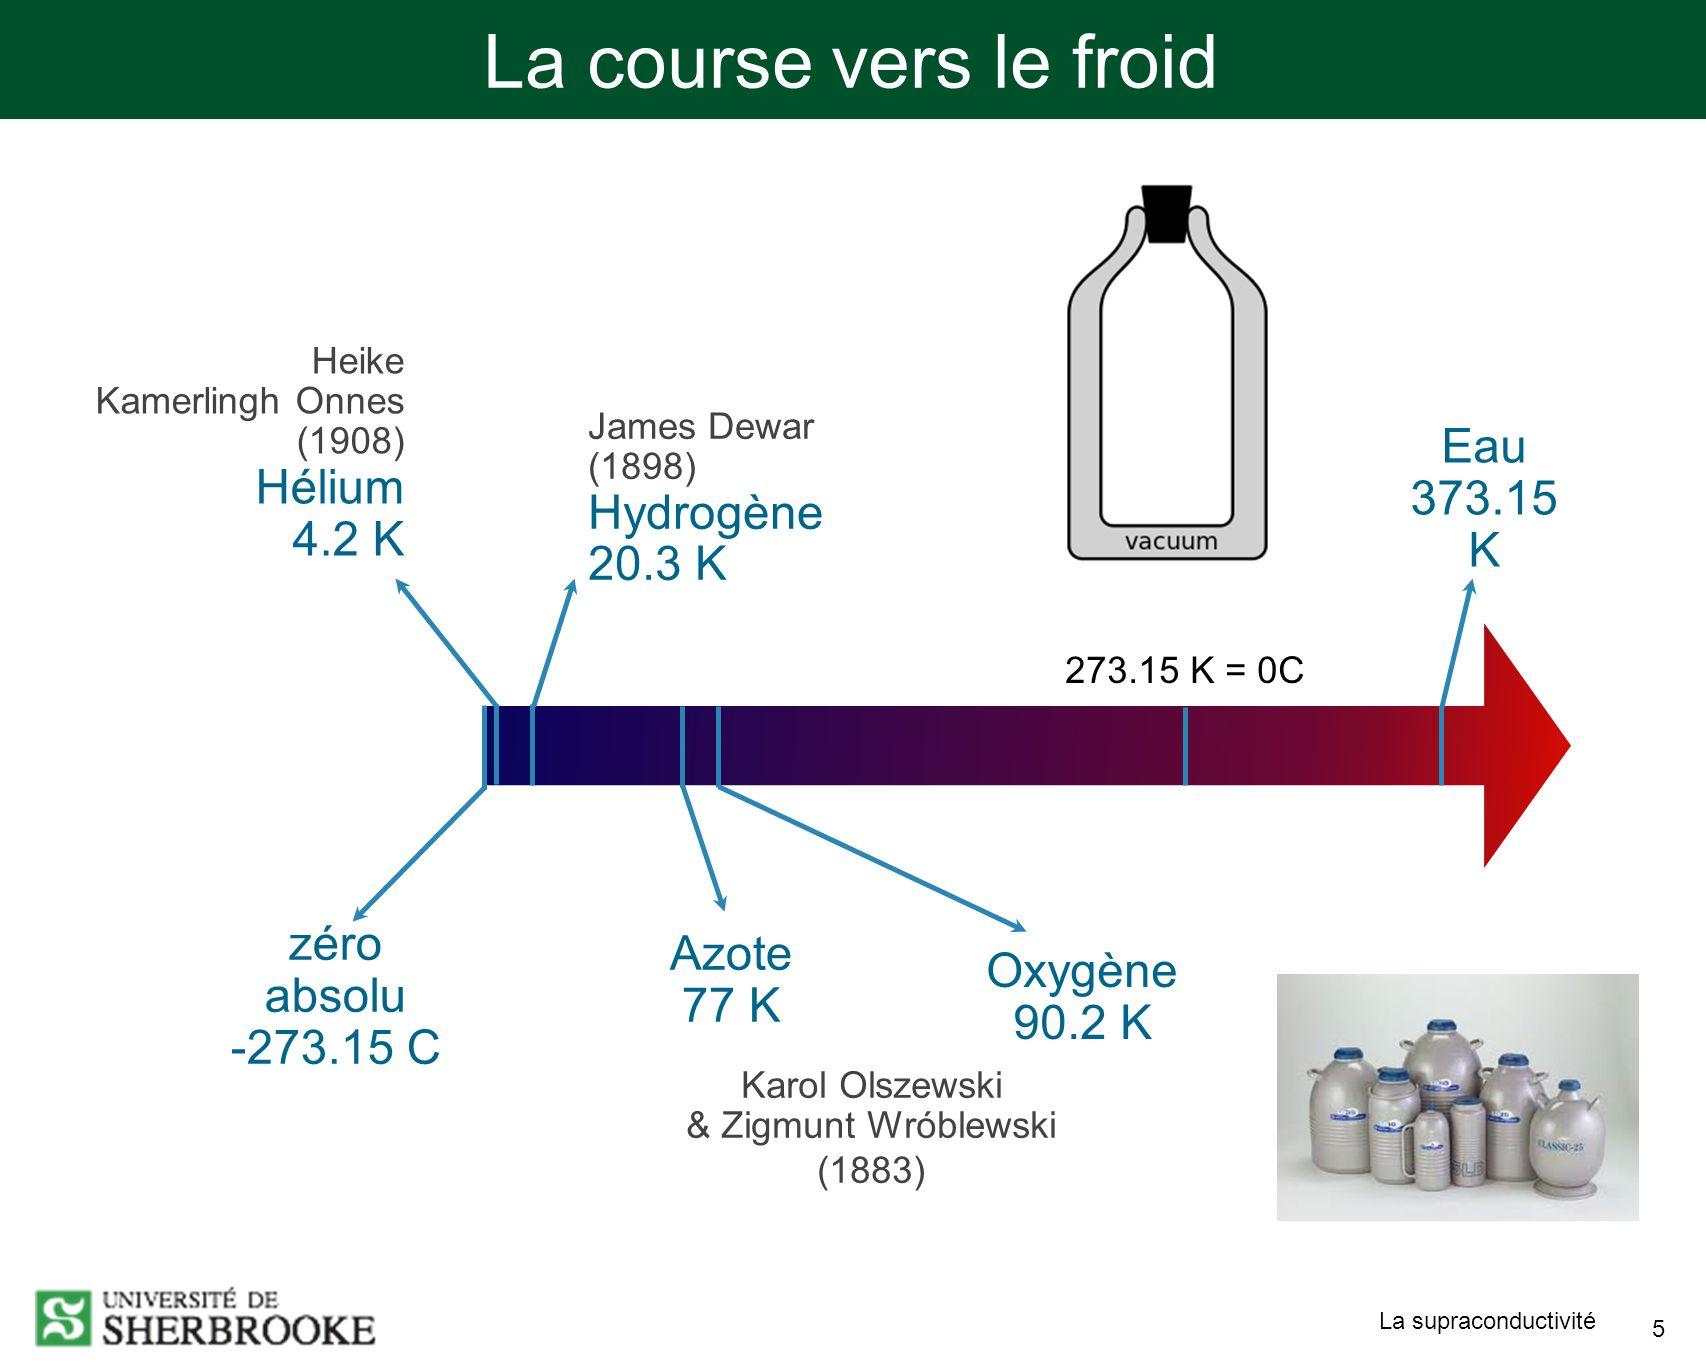 La supraconductivité 5 La course vers le froid 273.15 K = 0C James Dewar (1898) Hydrogène 20.3 K Heike Kamerlingh Onnes (1908) Hélium 4.2 K Azote 77 K